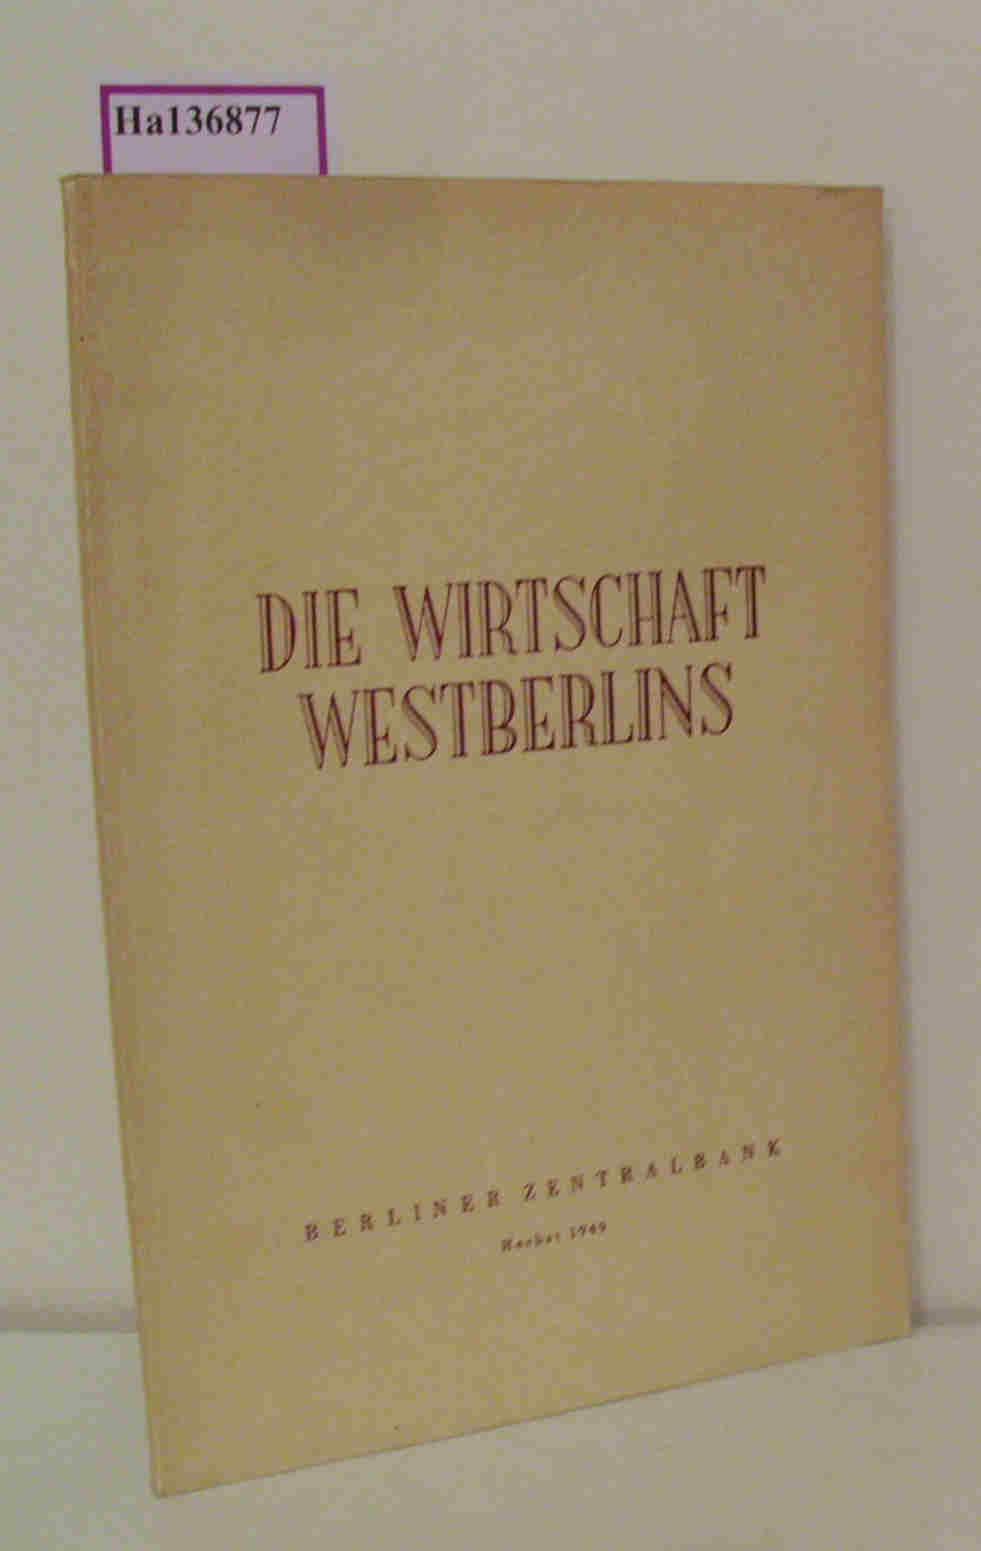 Die Wirtschaft Westberlins.